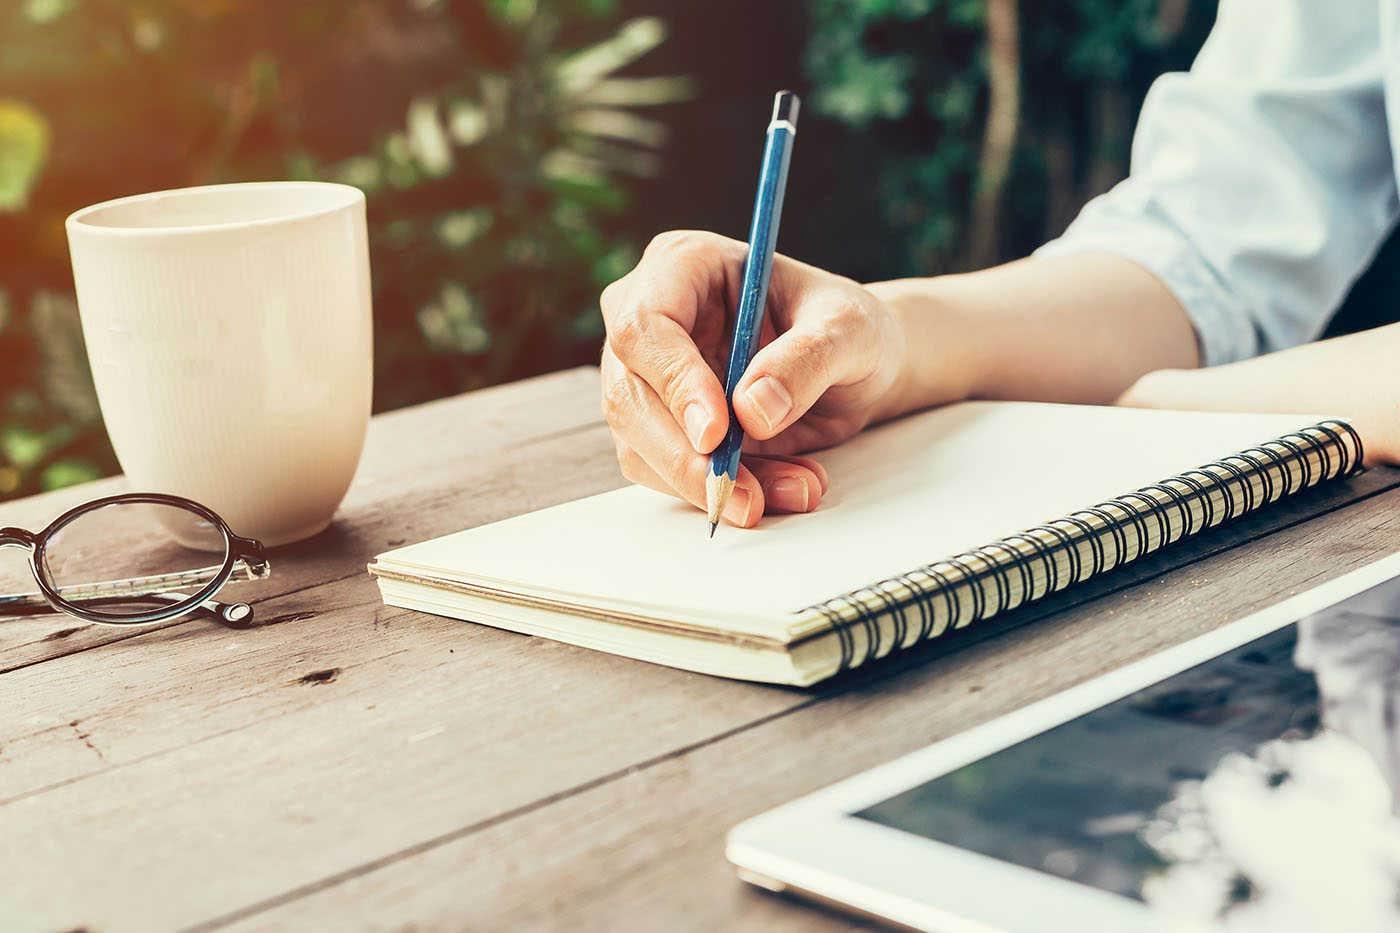 Stresul poate fi combătut dacă îți scrii de mână grijile